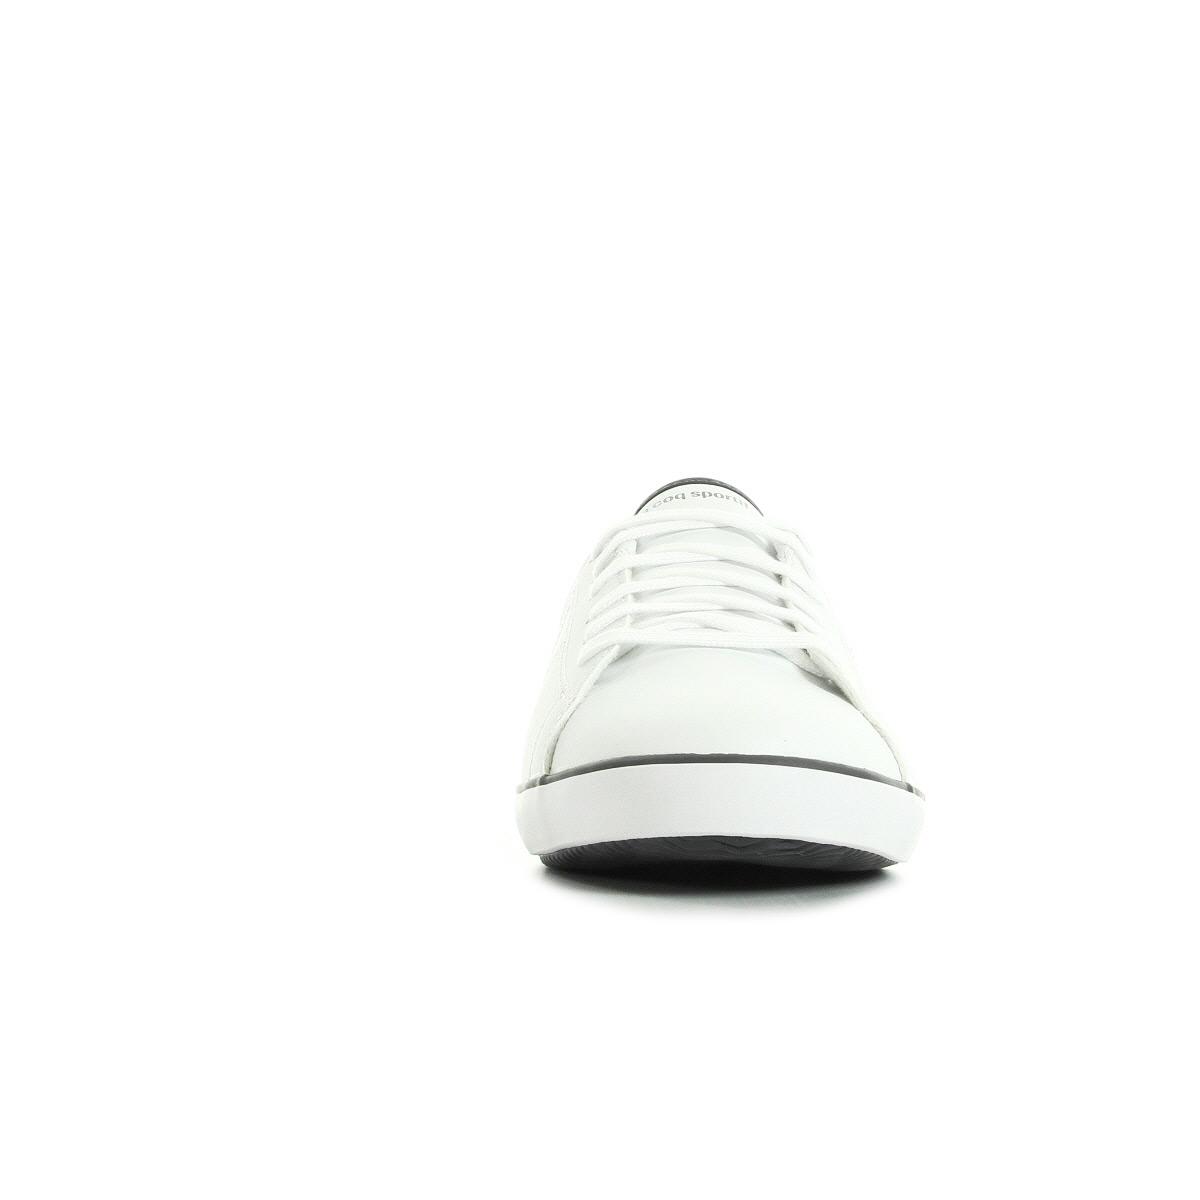 Le Coq Sportif Slimset S Lea 1610664, Baskets mode homme